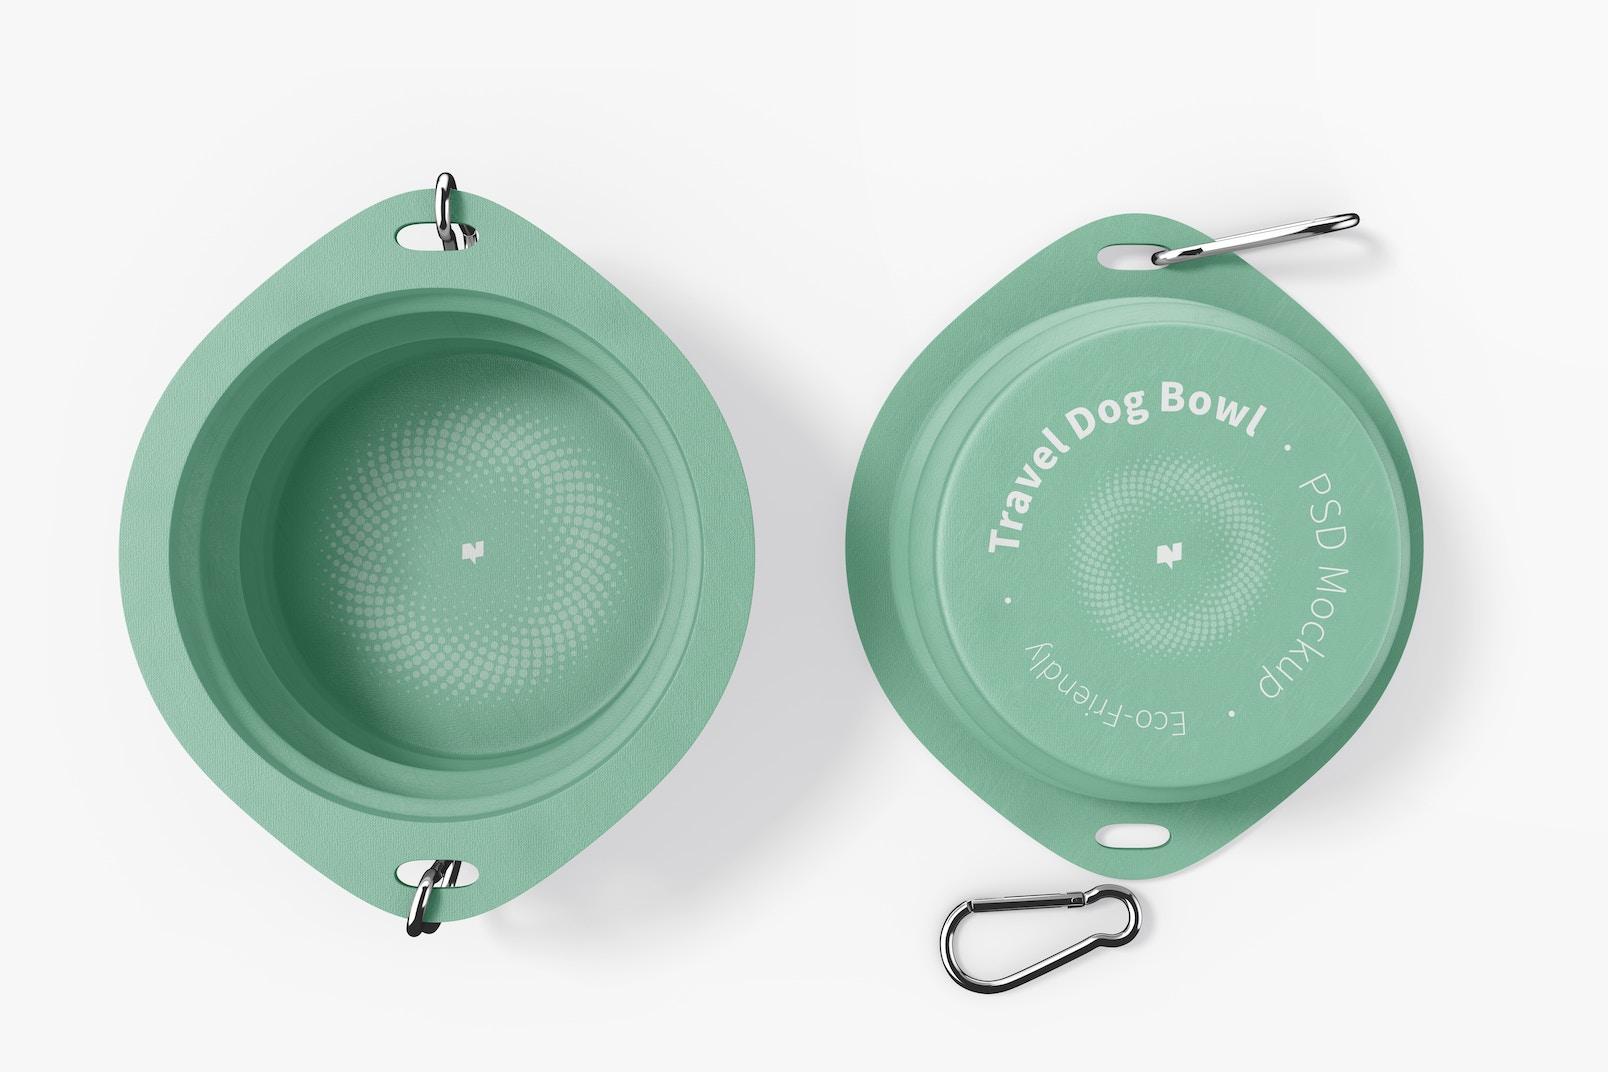 Travel Dog Bowls Mockup, Top View